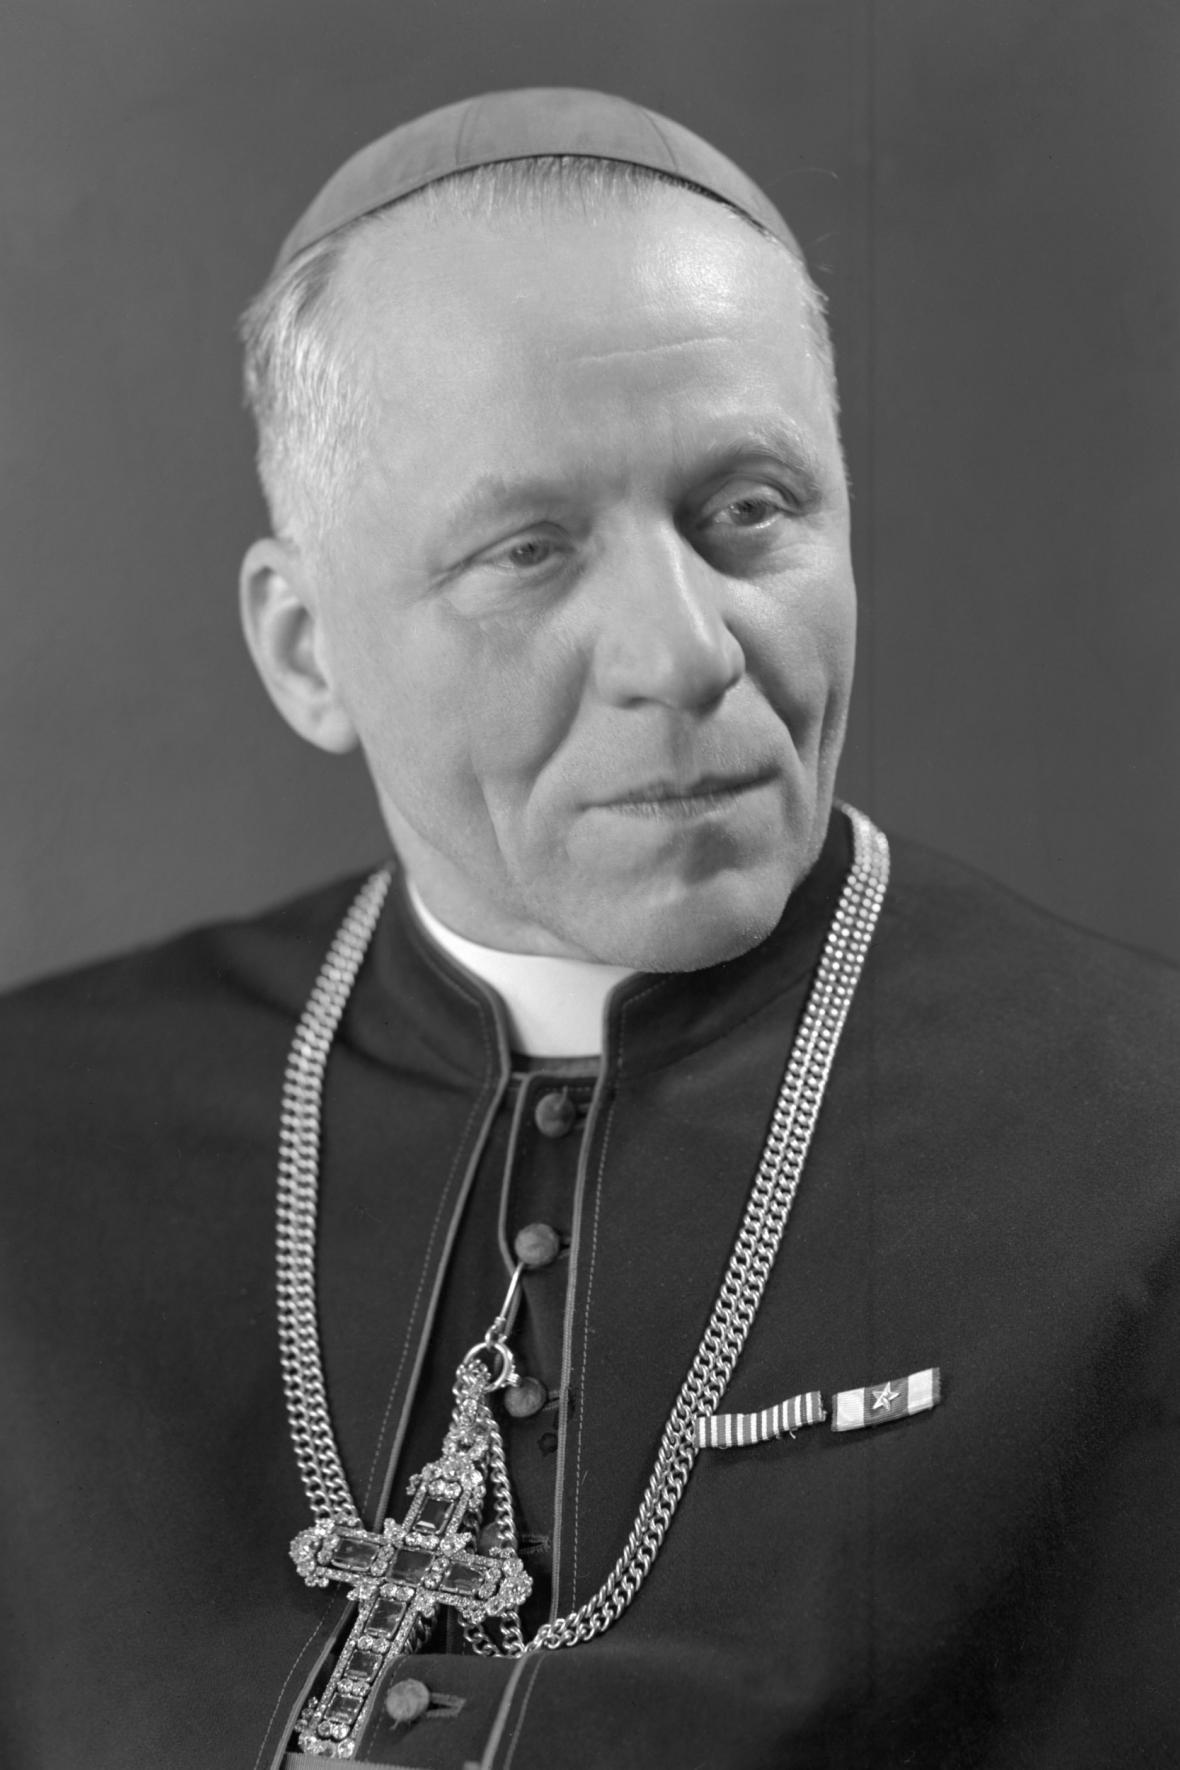 Životopis kardinála Berana - 33. arcibiskup pražský a primas český